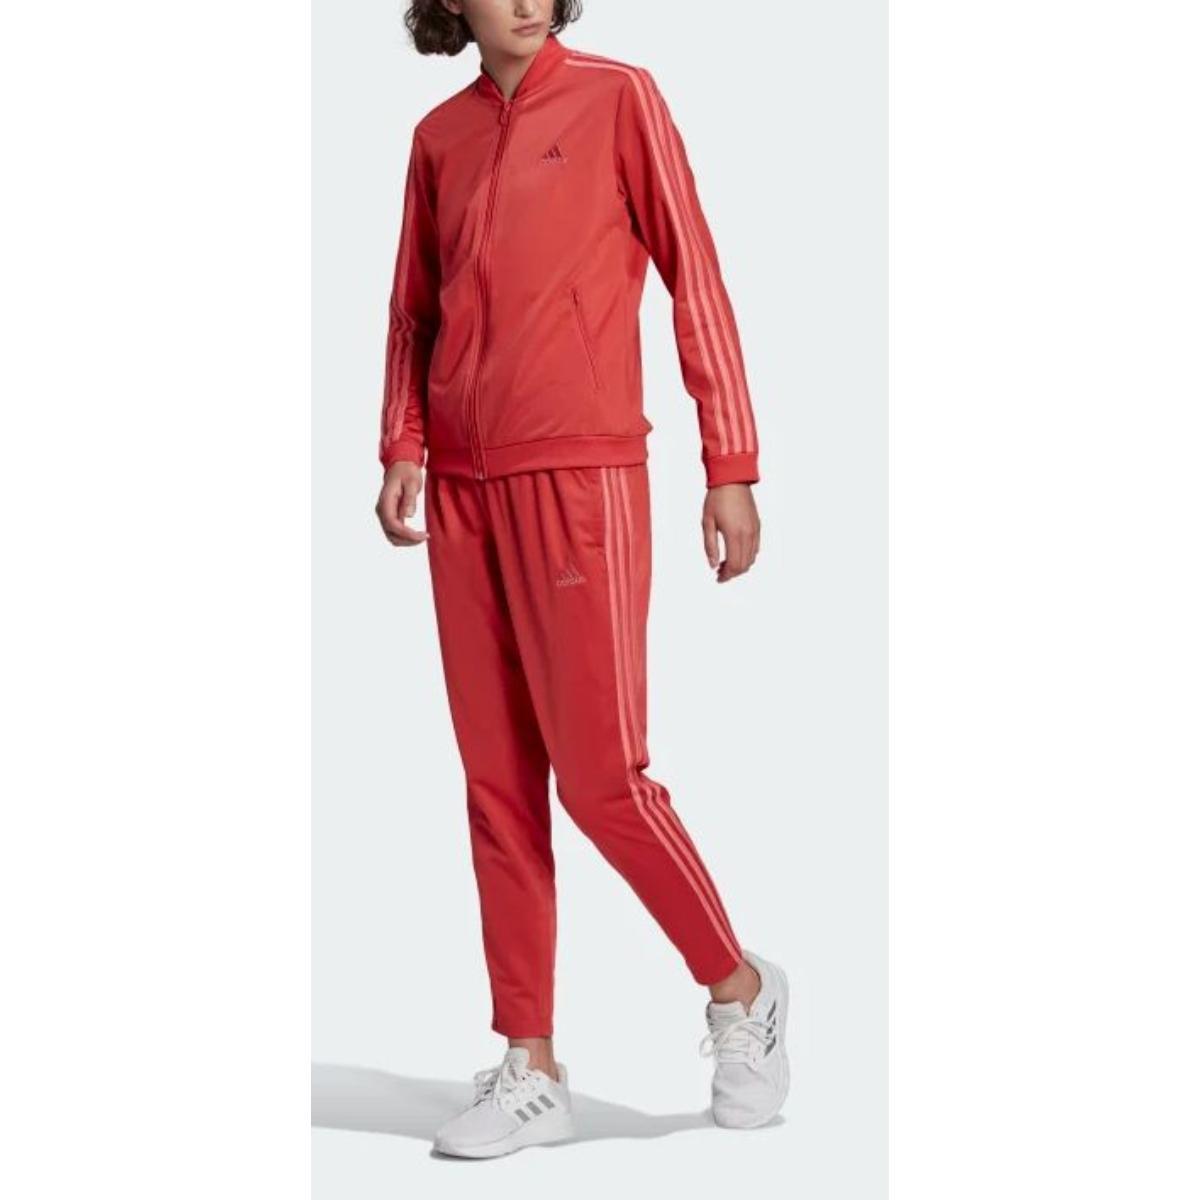 Abrigo Feminino Adidas Gm5581 w 3s Vermelho/rosa